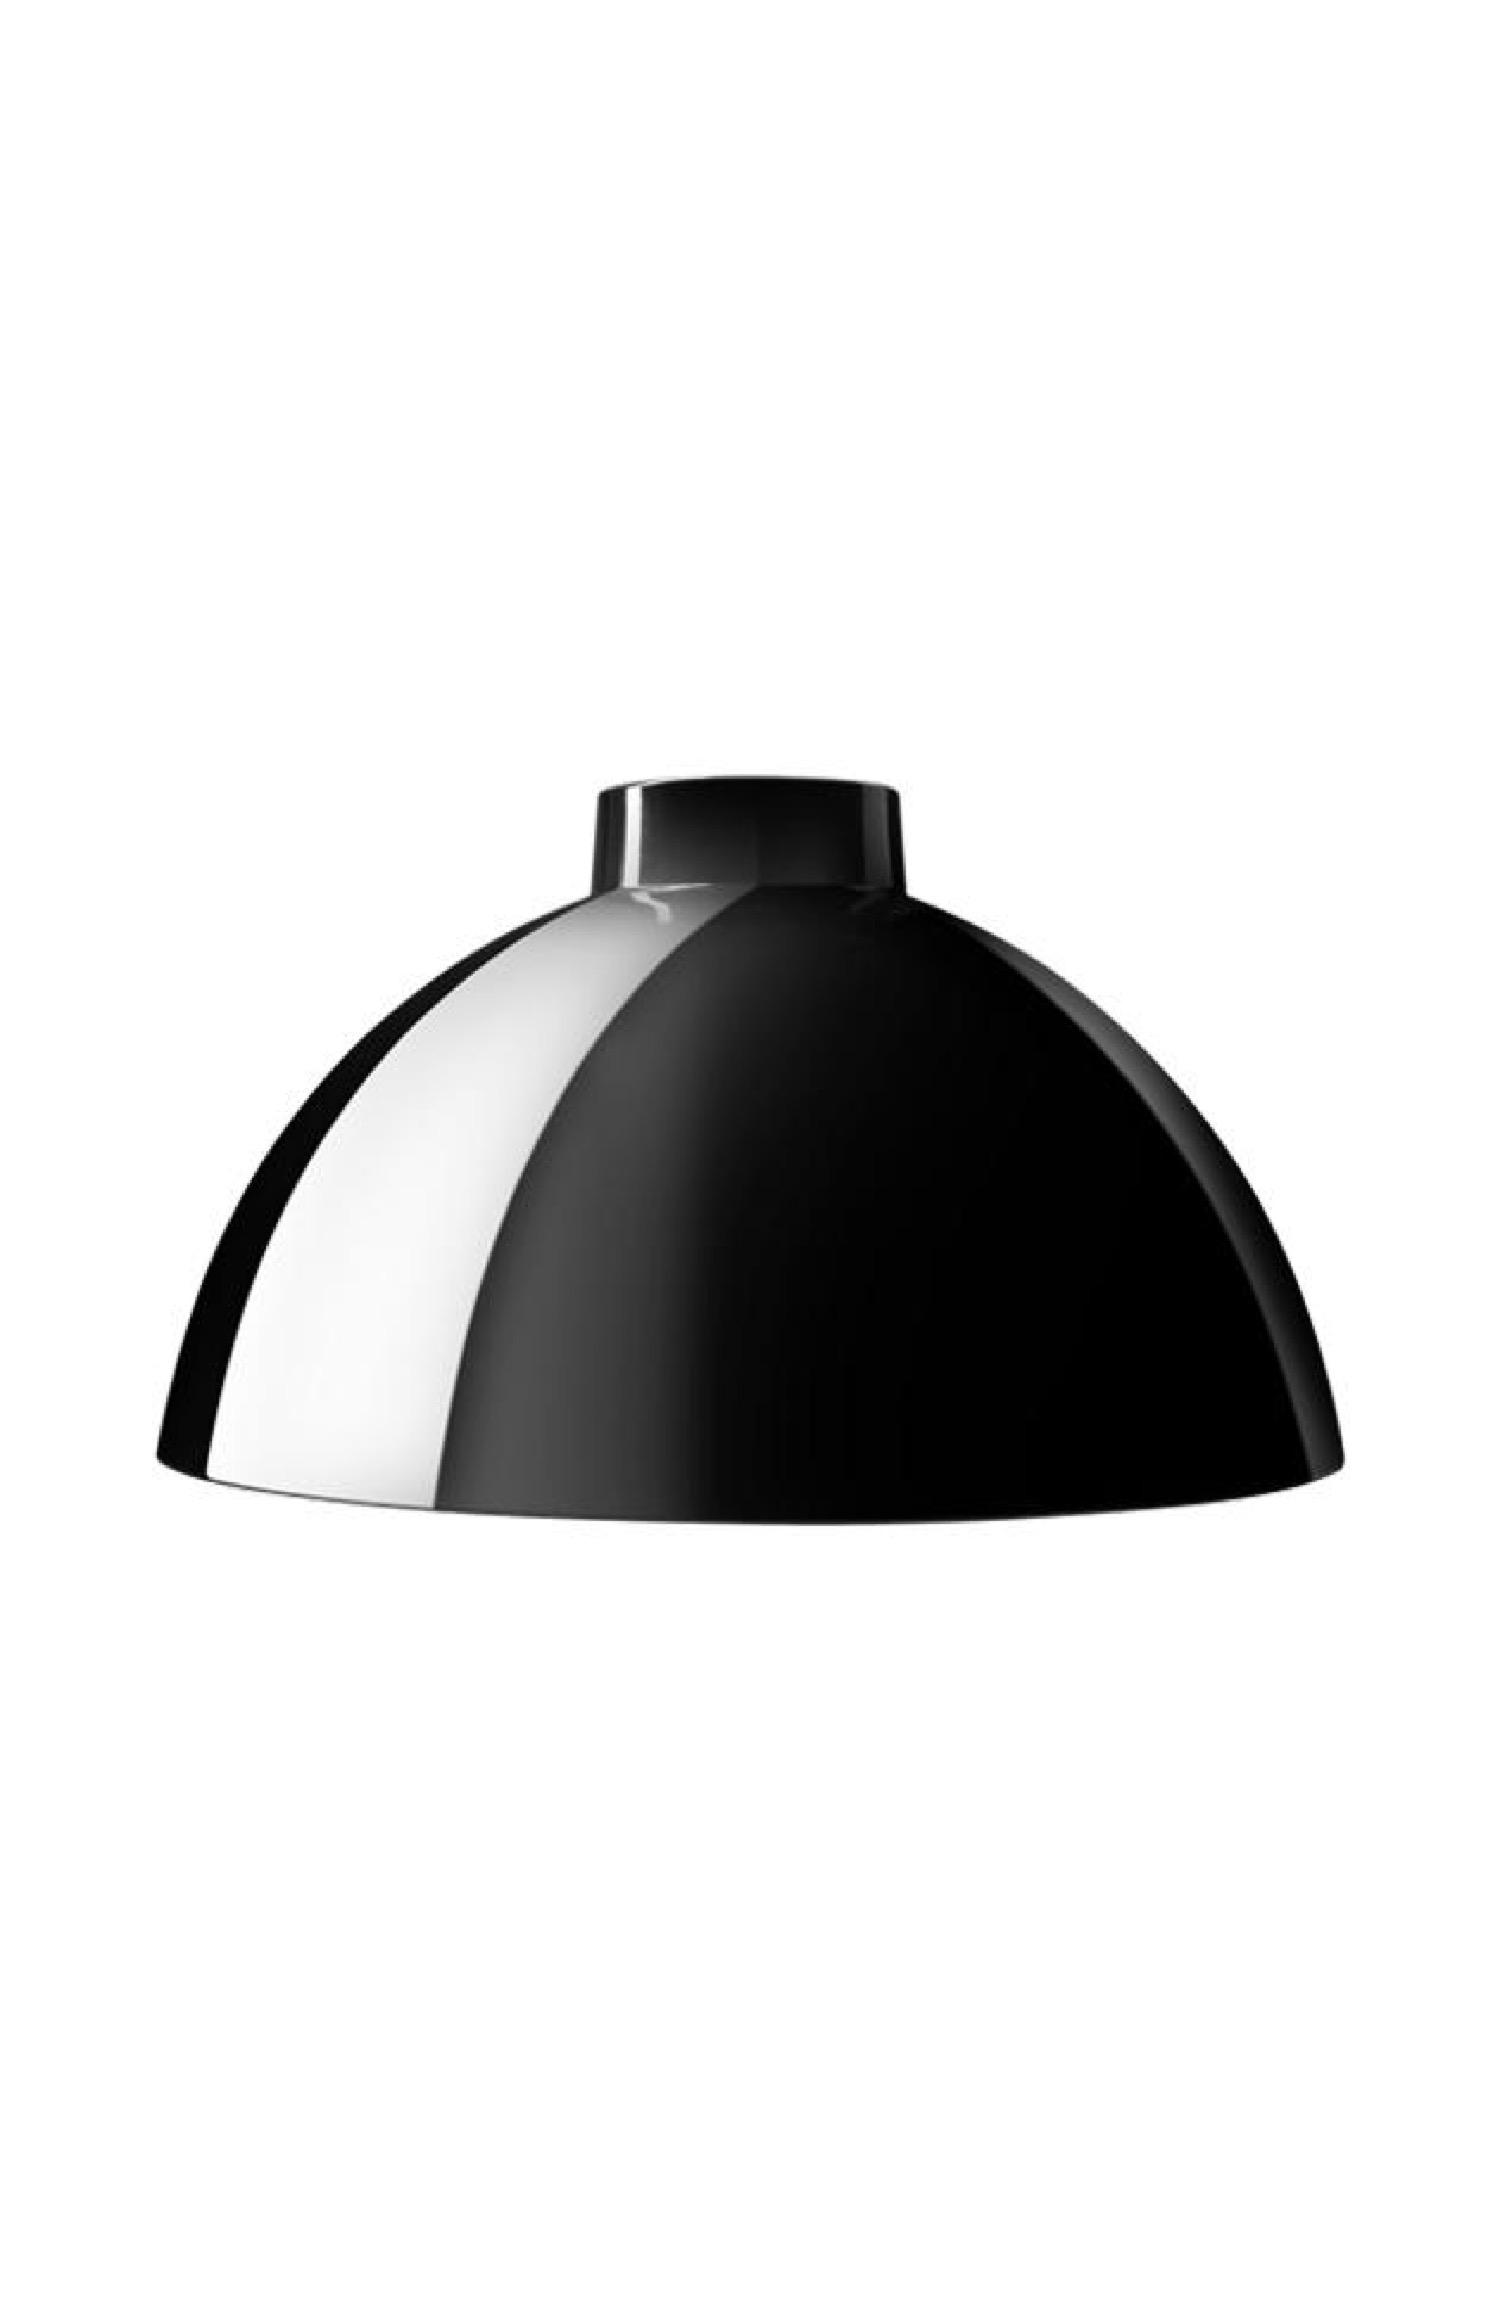 Abat-jour pour suspension en aluminium laqué noir